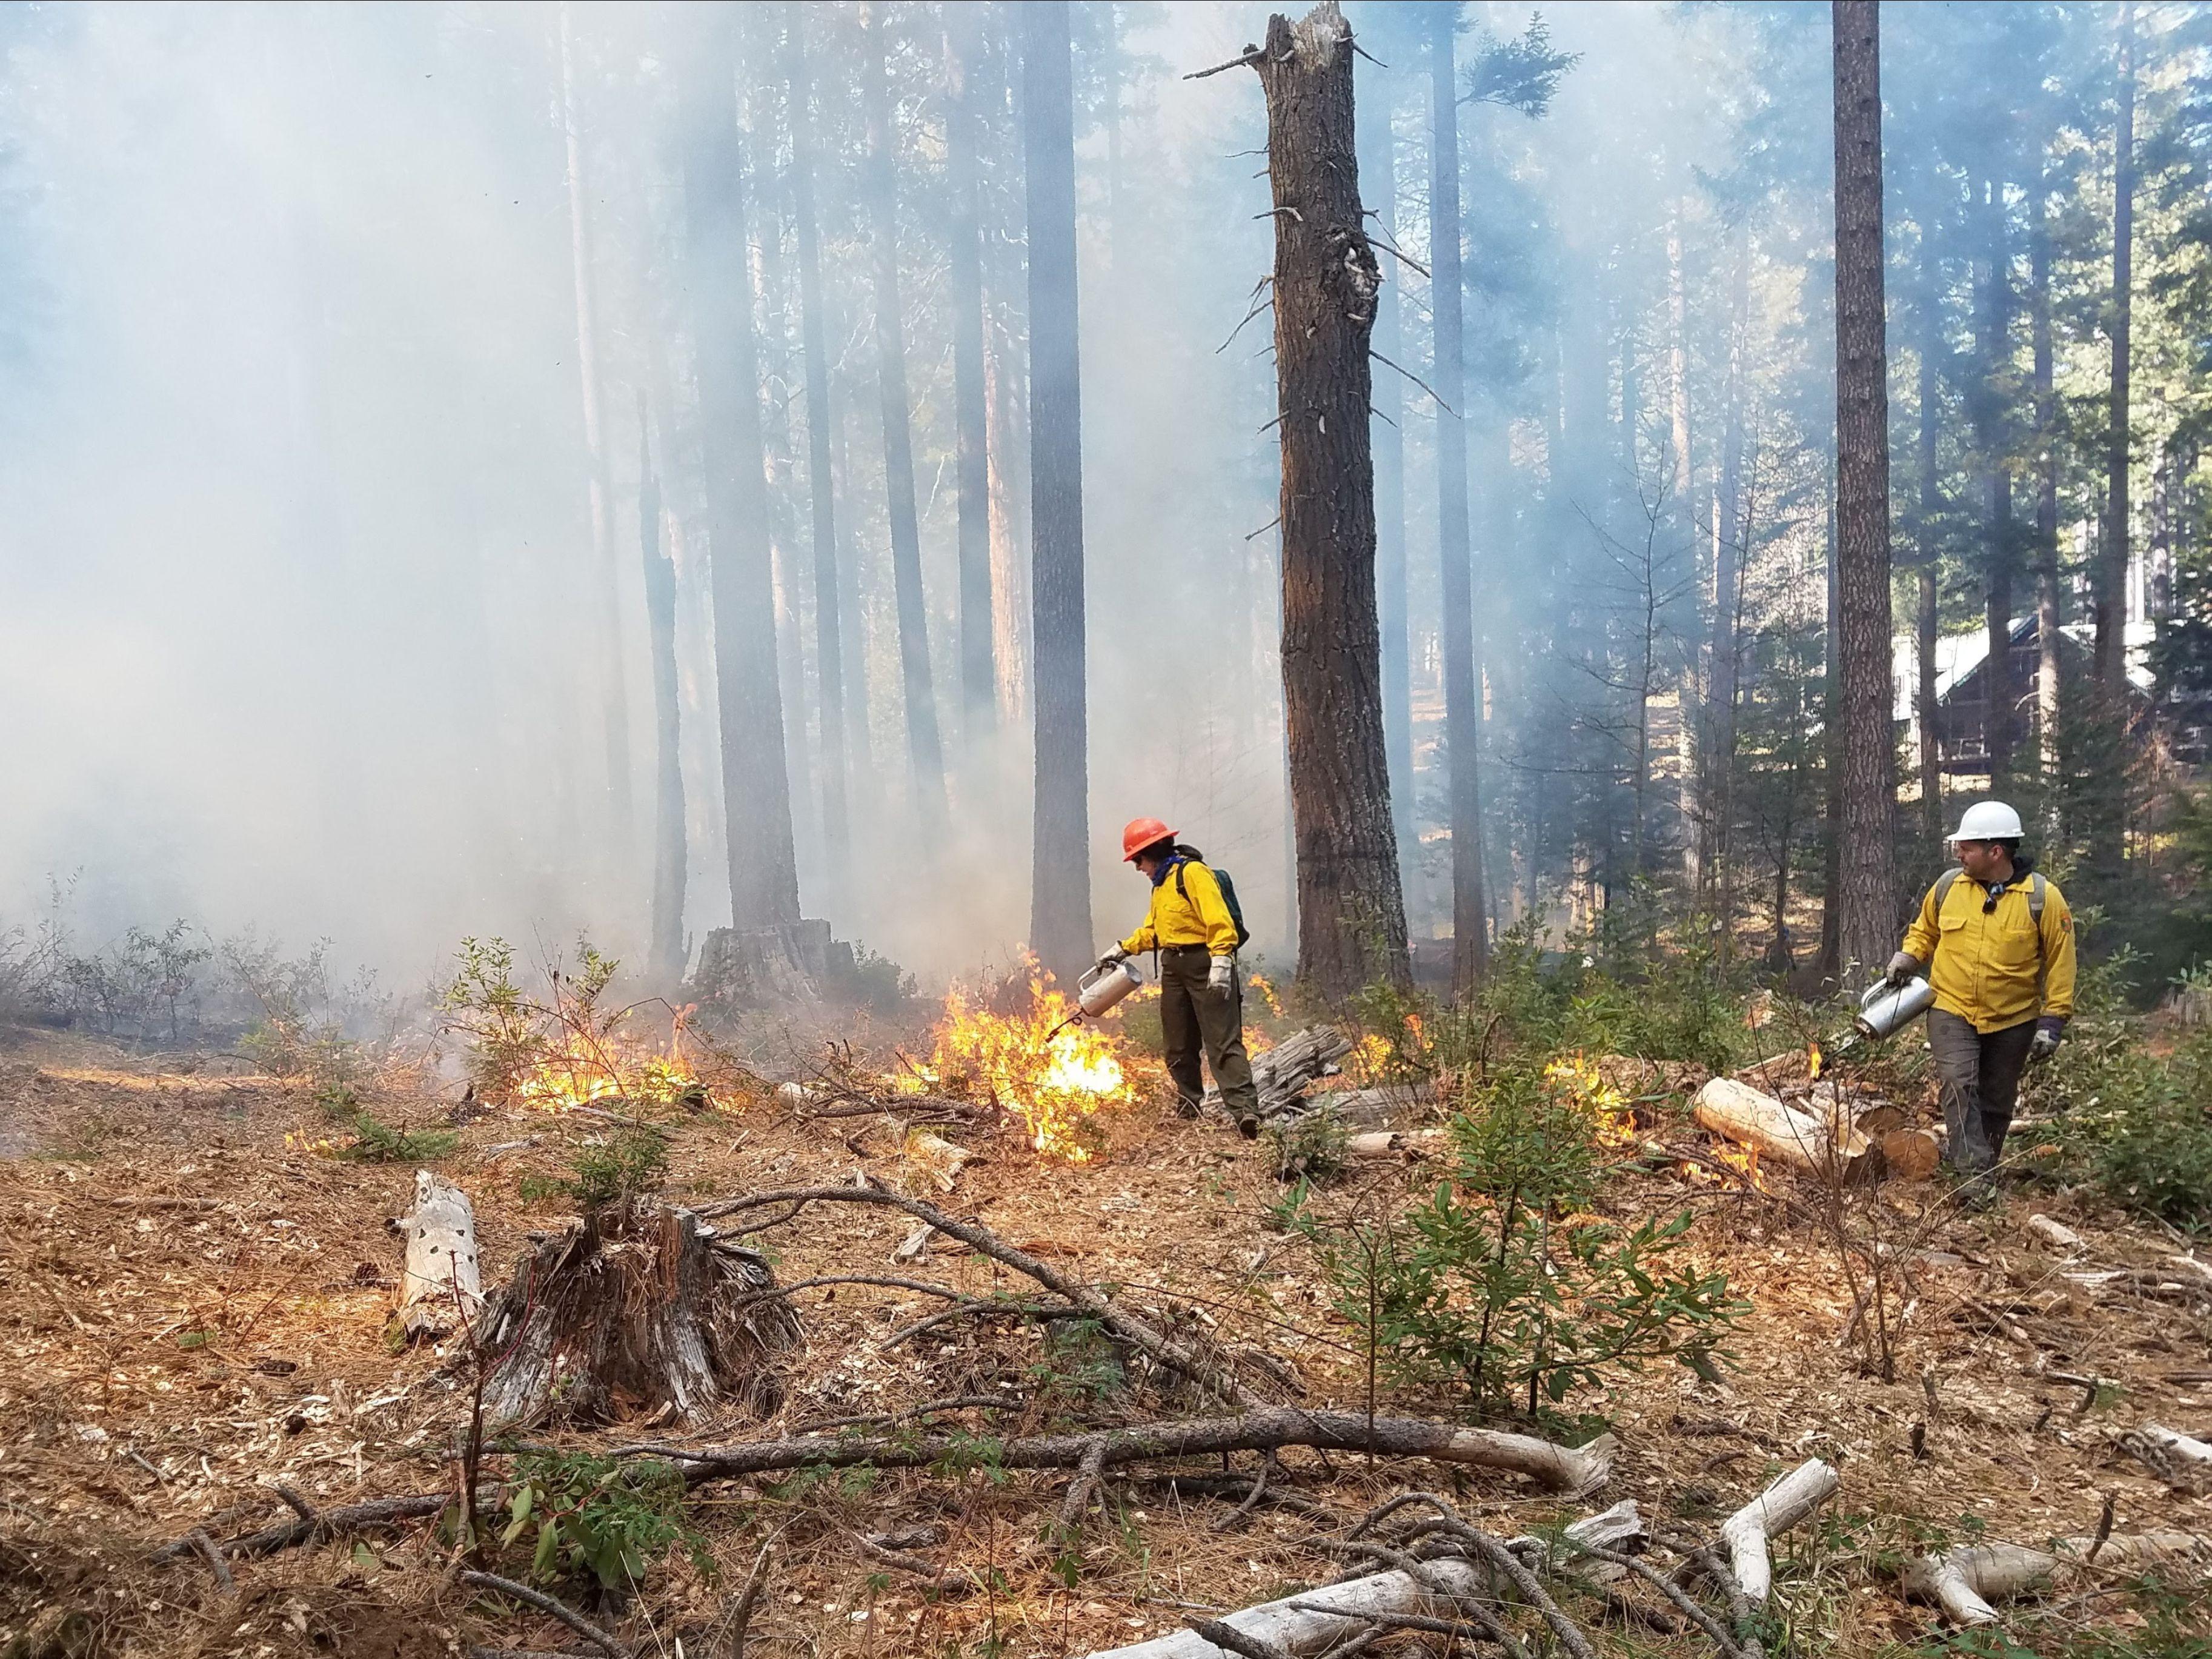 Prescribed fire in Feb 2020